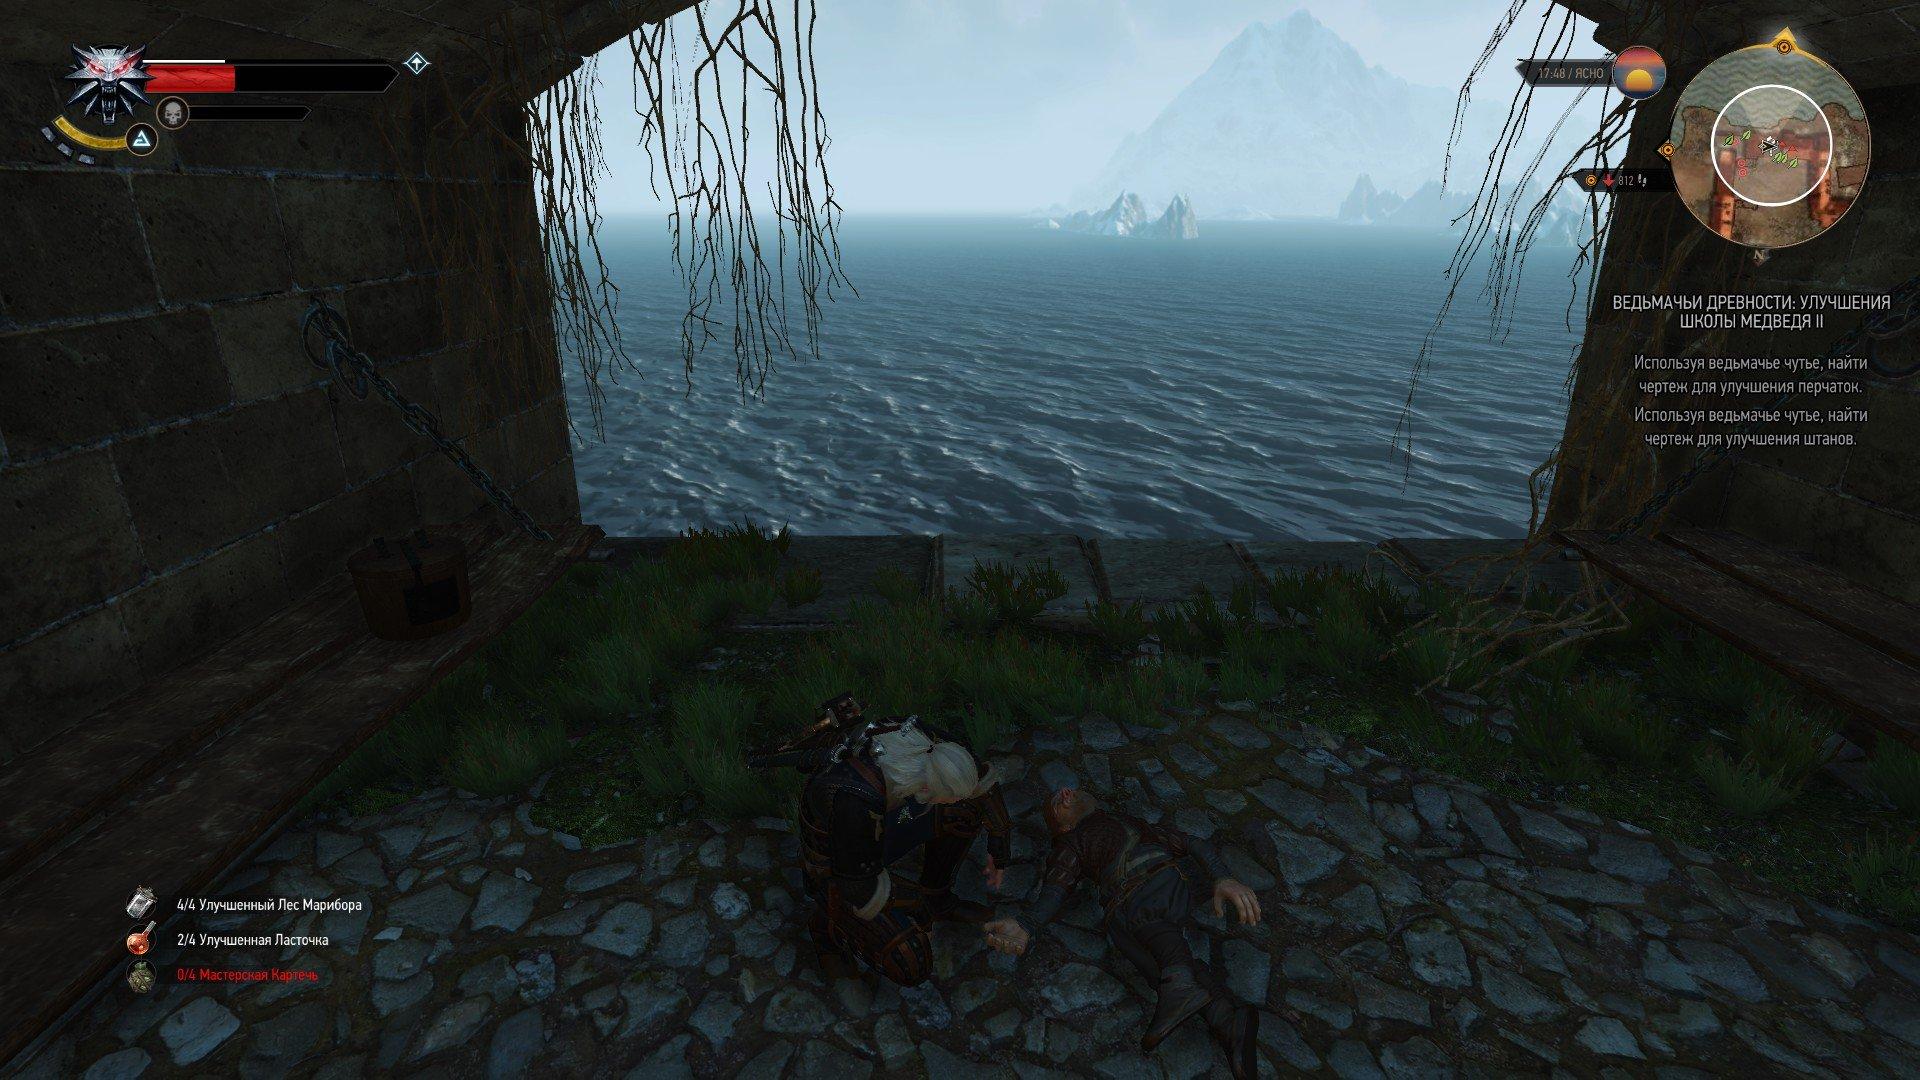 Геральт нашел труп Тириона Ланнистера - Изображение 1